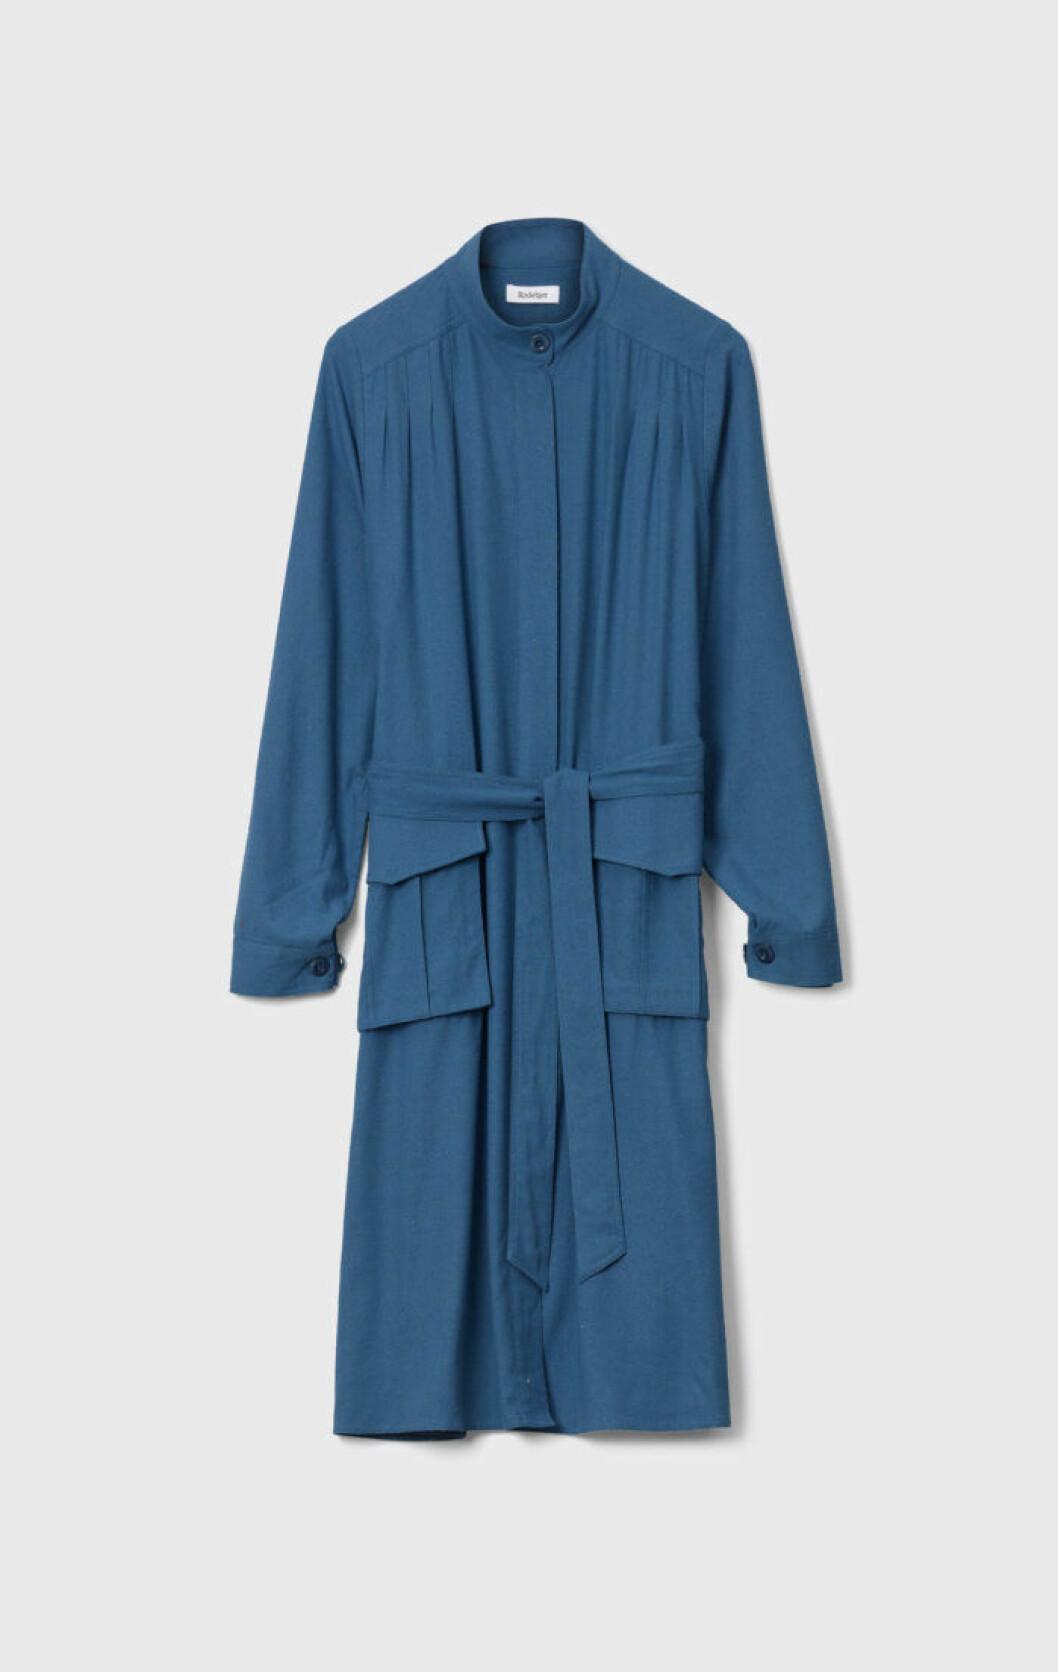 Blå kappa med skärp